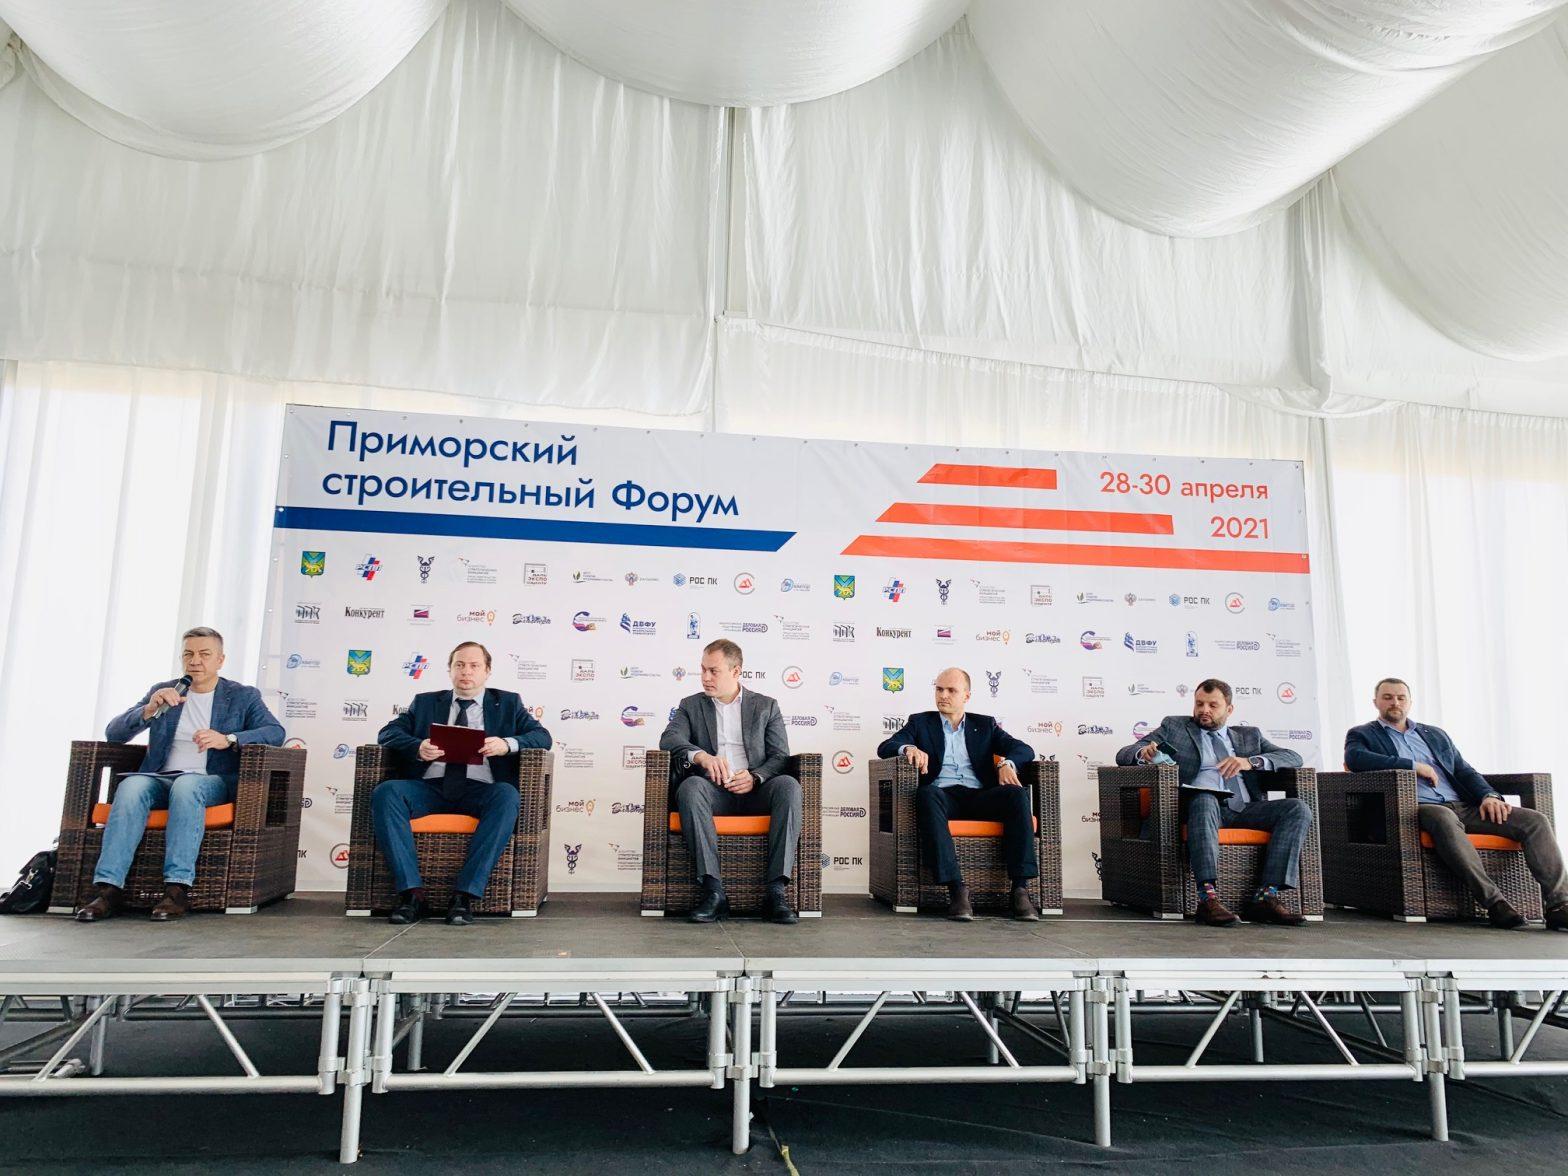 30 апреля 2021 года Приморское краевое отделение «ОПОРЫ РОССИИ» организовало круглый стол на теме: «Финансовые инструменты для строителей. Инвестиции, поддержки, ипотека».